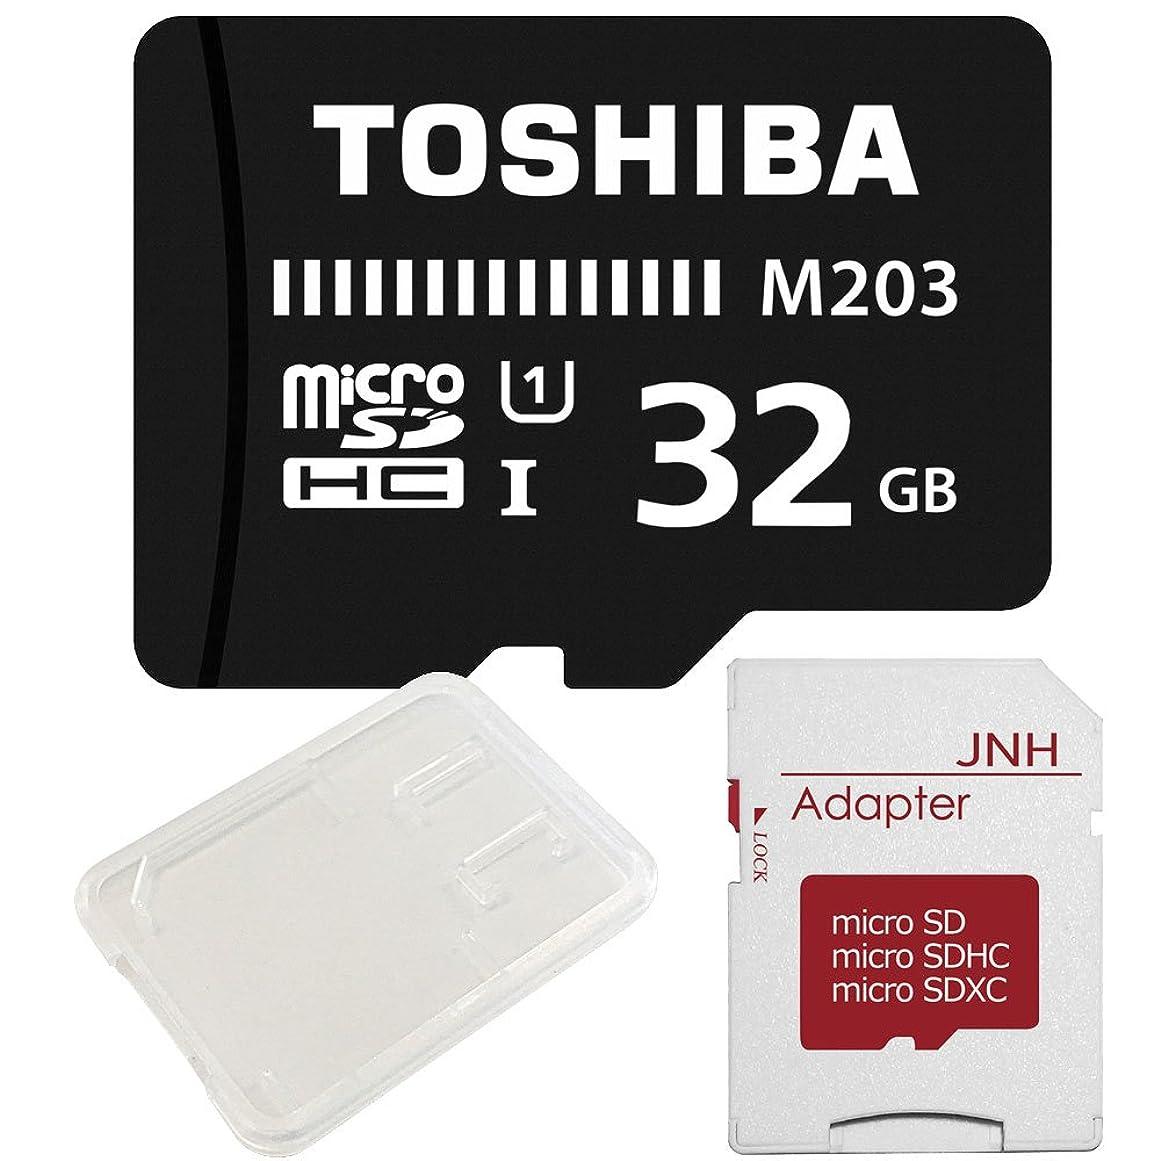 ショートカットストロー足東芝 Toshiba 超高速UHS-I microSDHC 32GB + SD アダプター + 保管用クリアケース [並行輸入品]